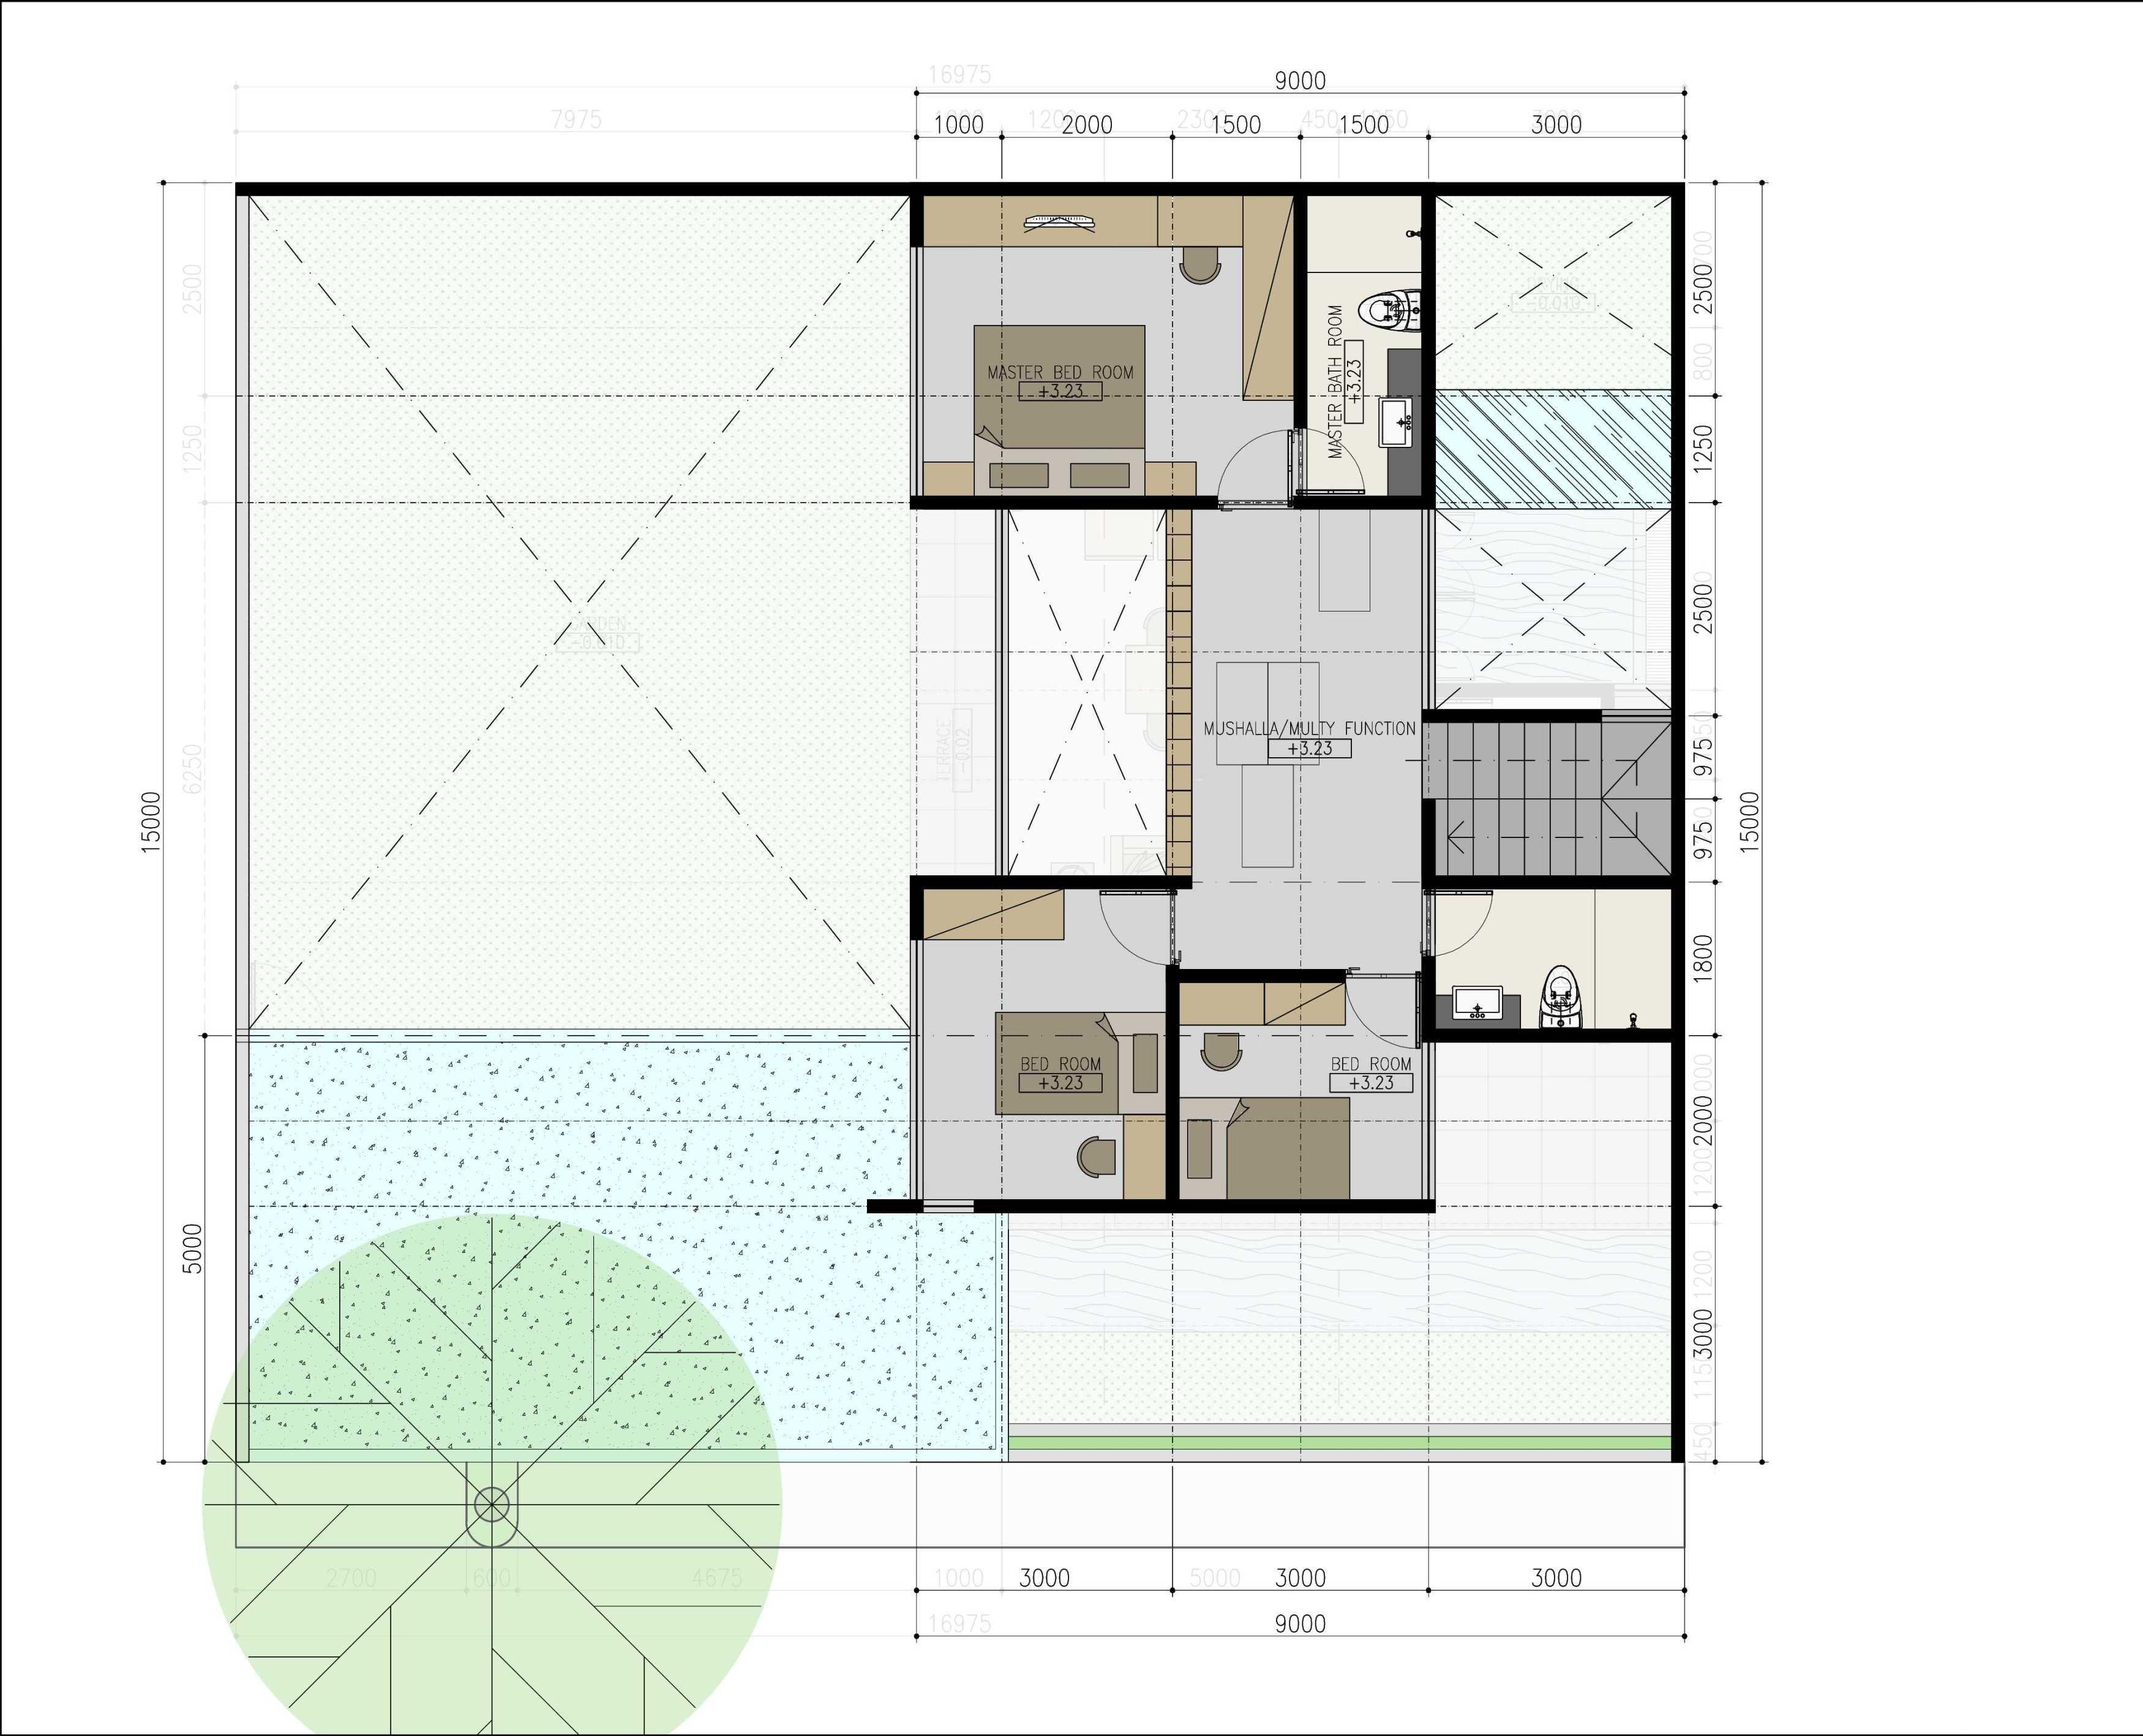 Mahastudio & Partner Renovasi Rumah Beiji Depok City, West Java, Indonesia Depok City, West Java, Indonesia Design Tropis  33338